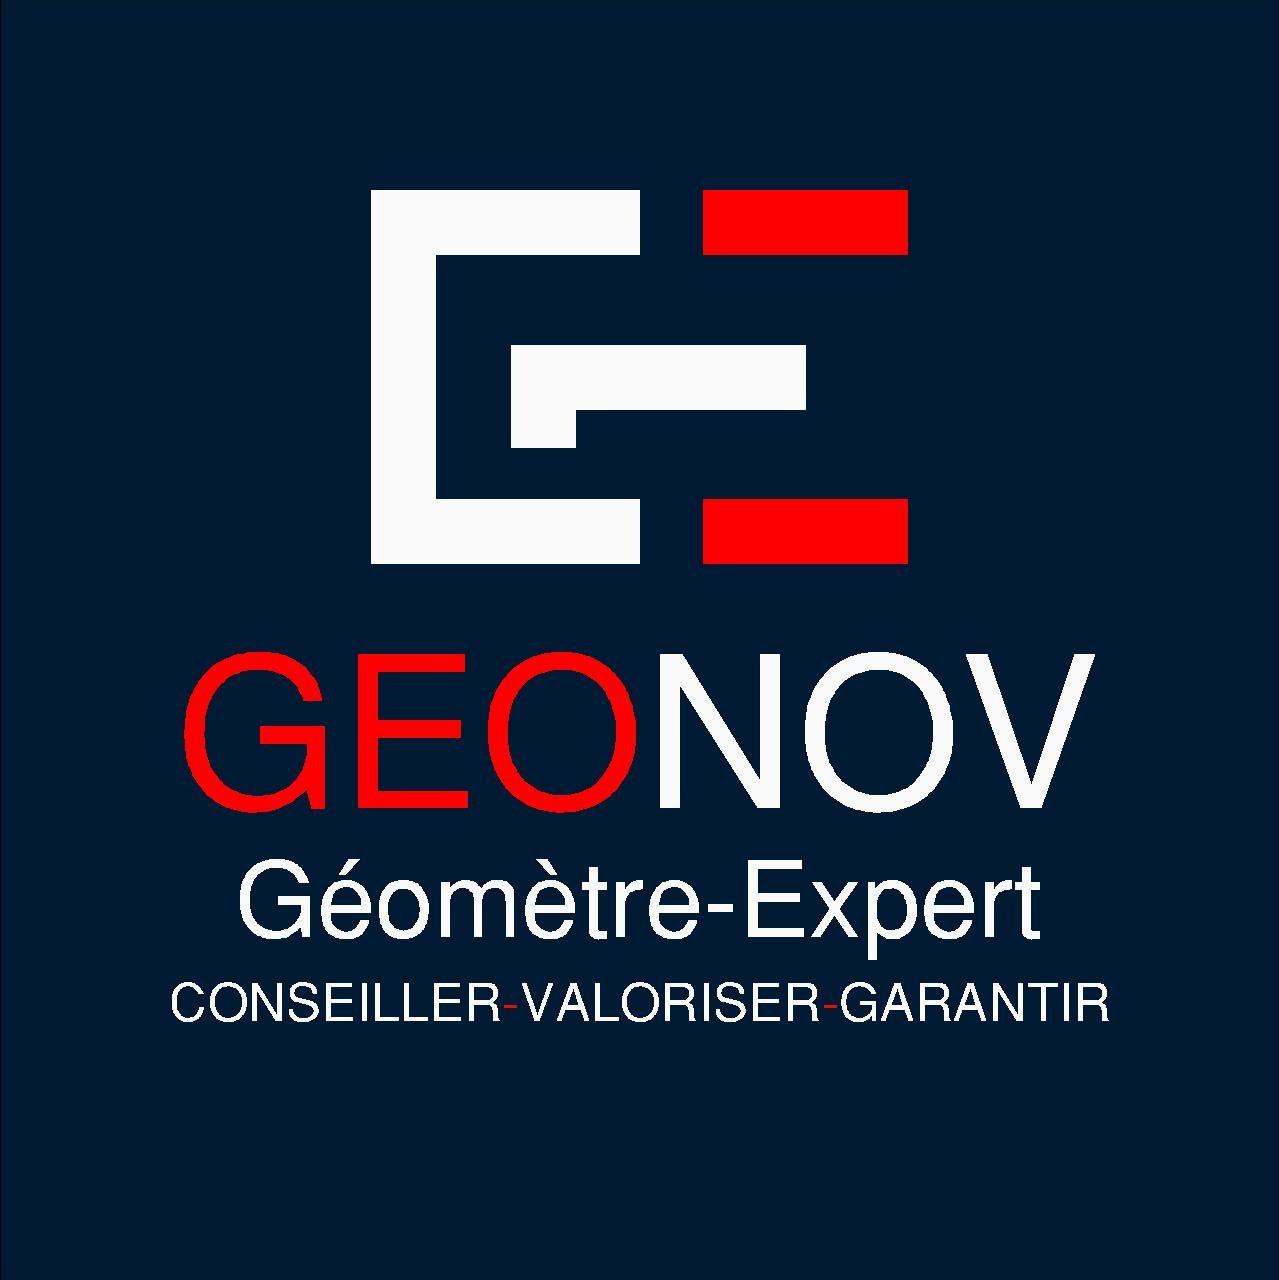 Geonov Geometre-Expert SARL géomètre-expert